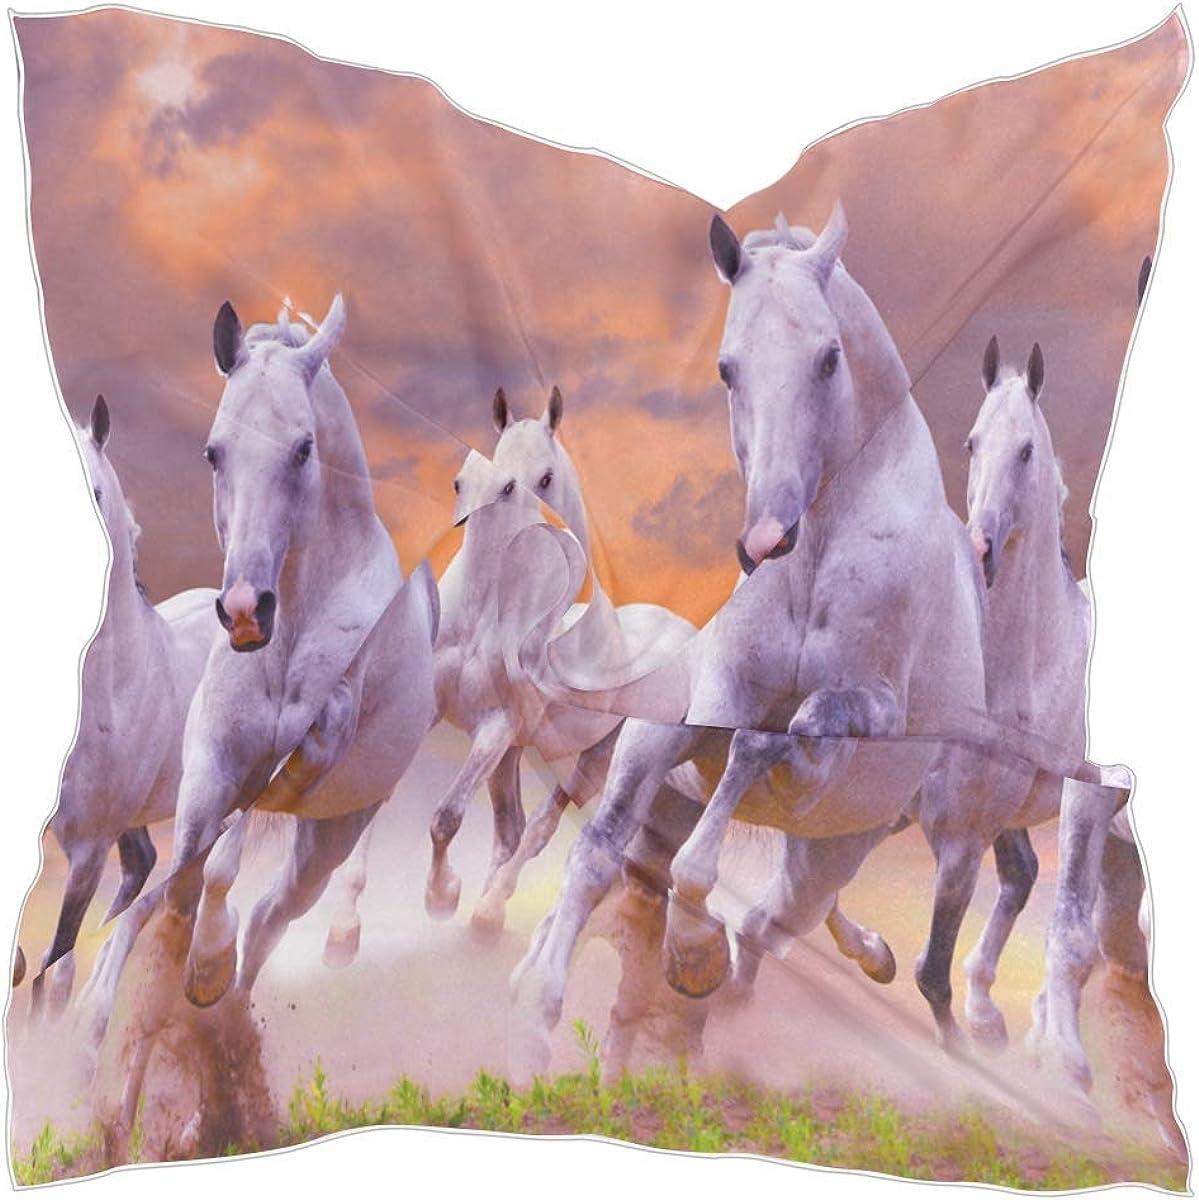 Hotyle Bufanda cuadrada Patrón de caballo Moda Bufanda de cuello de satén Bufandas de pelo Pañuelo para mujer